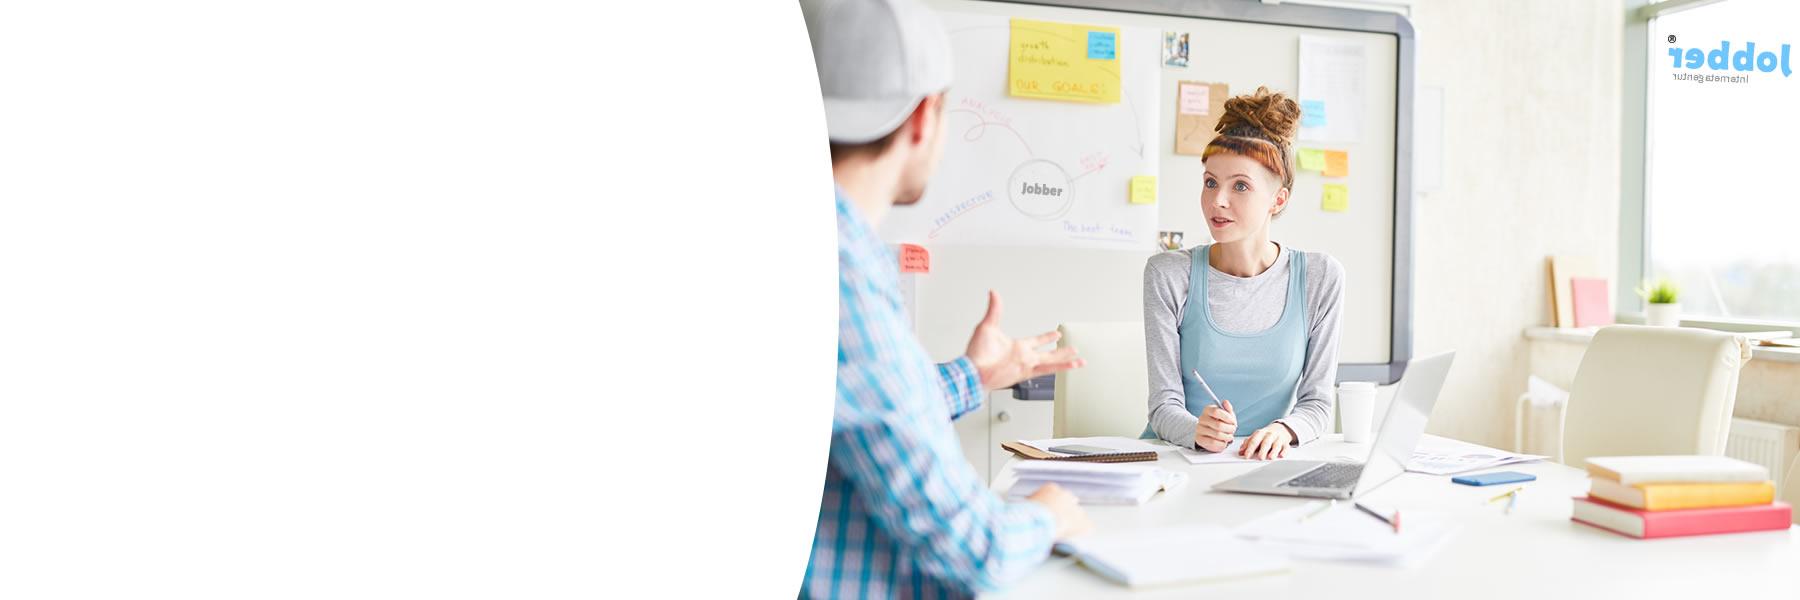 Jobber Internetagentur | Webdesign und Homepage-Erstellung